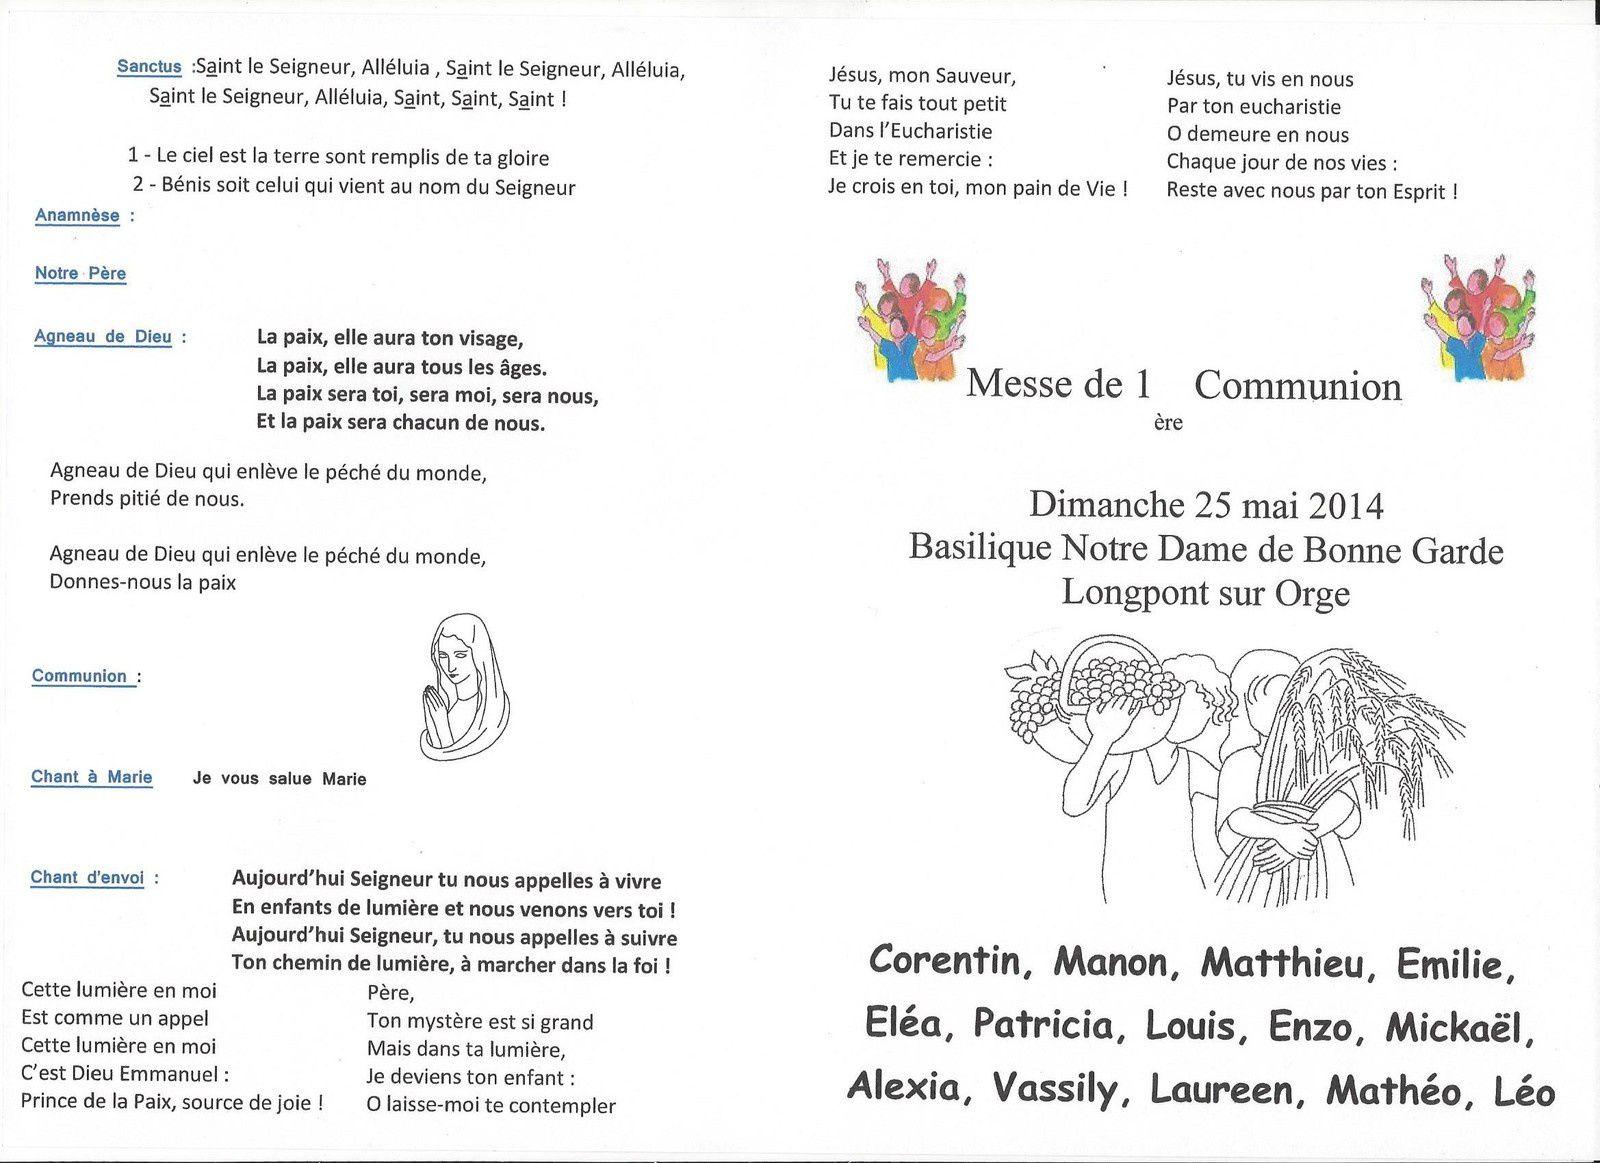 Dimanche 25 Mai 2014-Première des communions